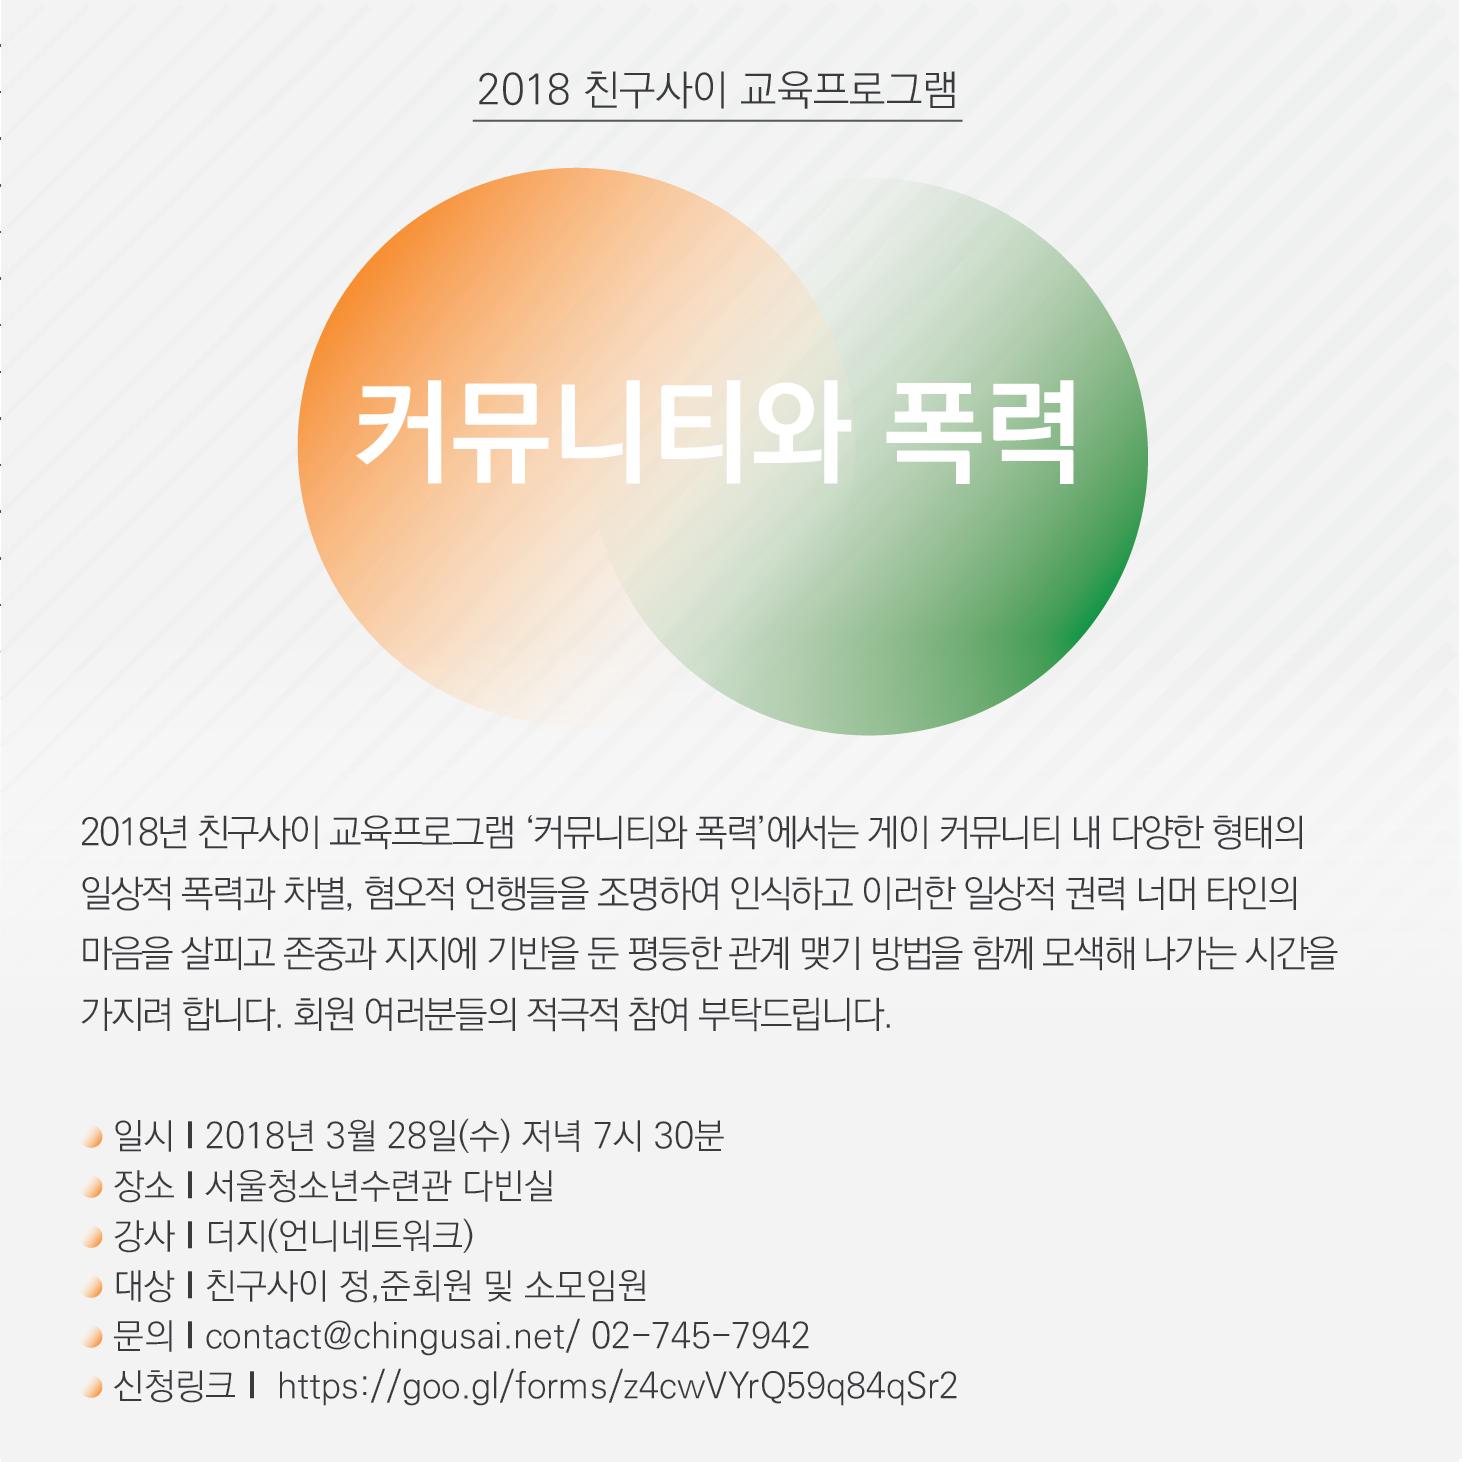 2018_03_28_커뮤니티와 폭력_2.png